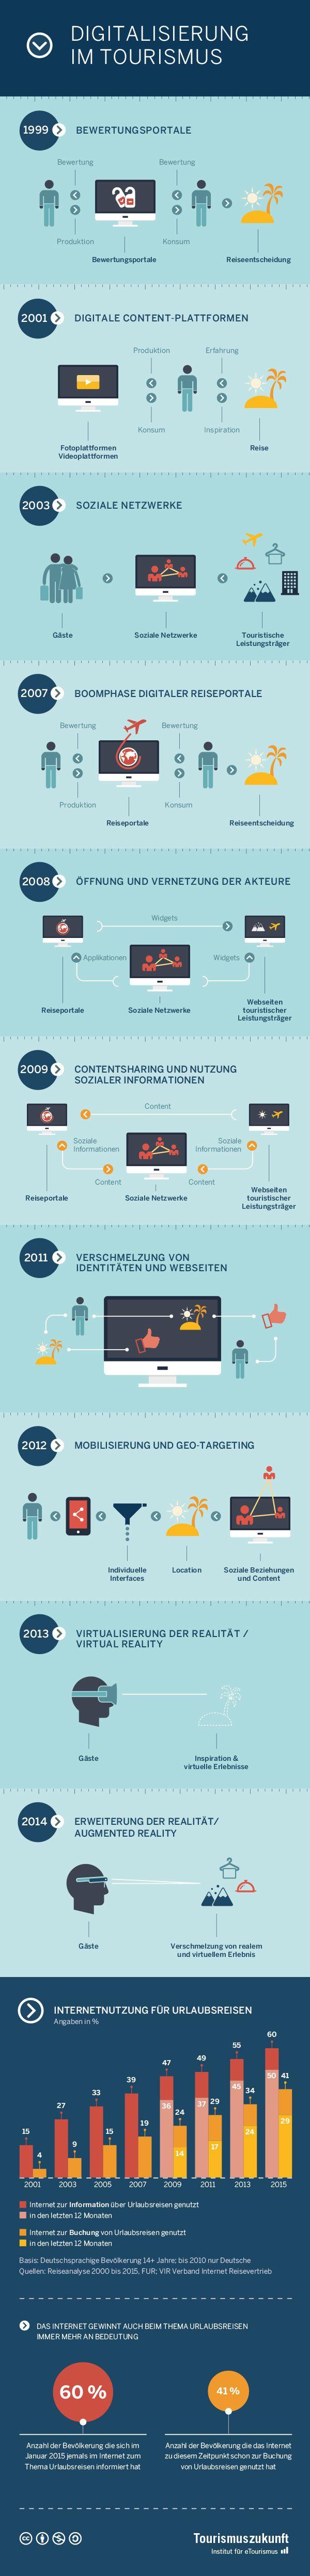 Digitalisierung im Tourismus – eine Infografik » Tourismuszukunft: Institut für eTourismus